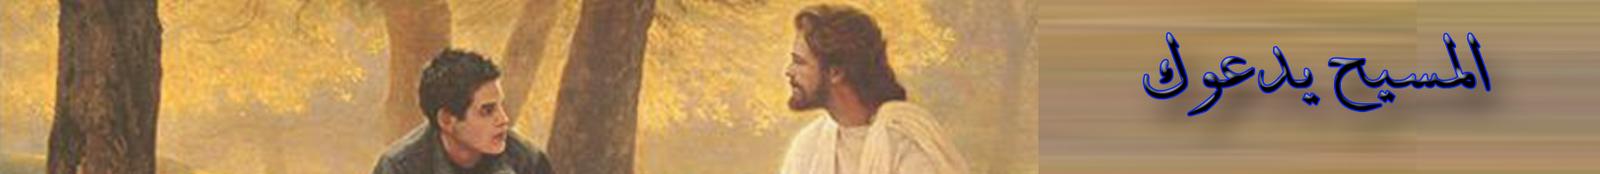 المسيح يدعوك